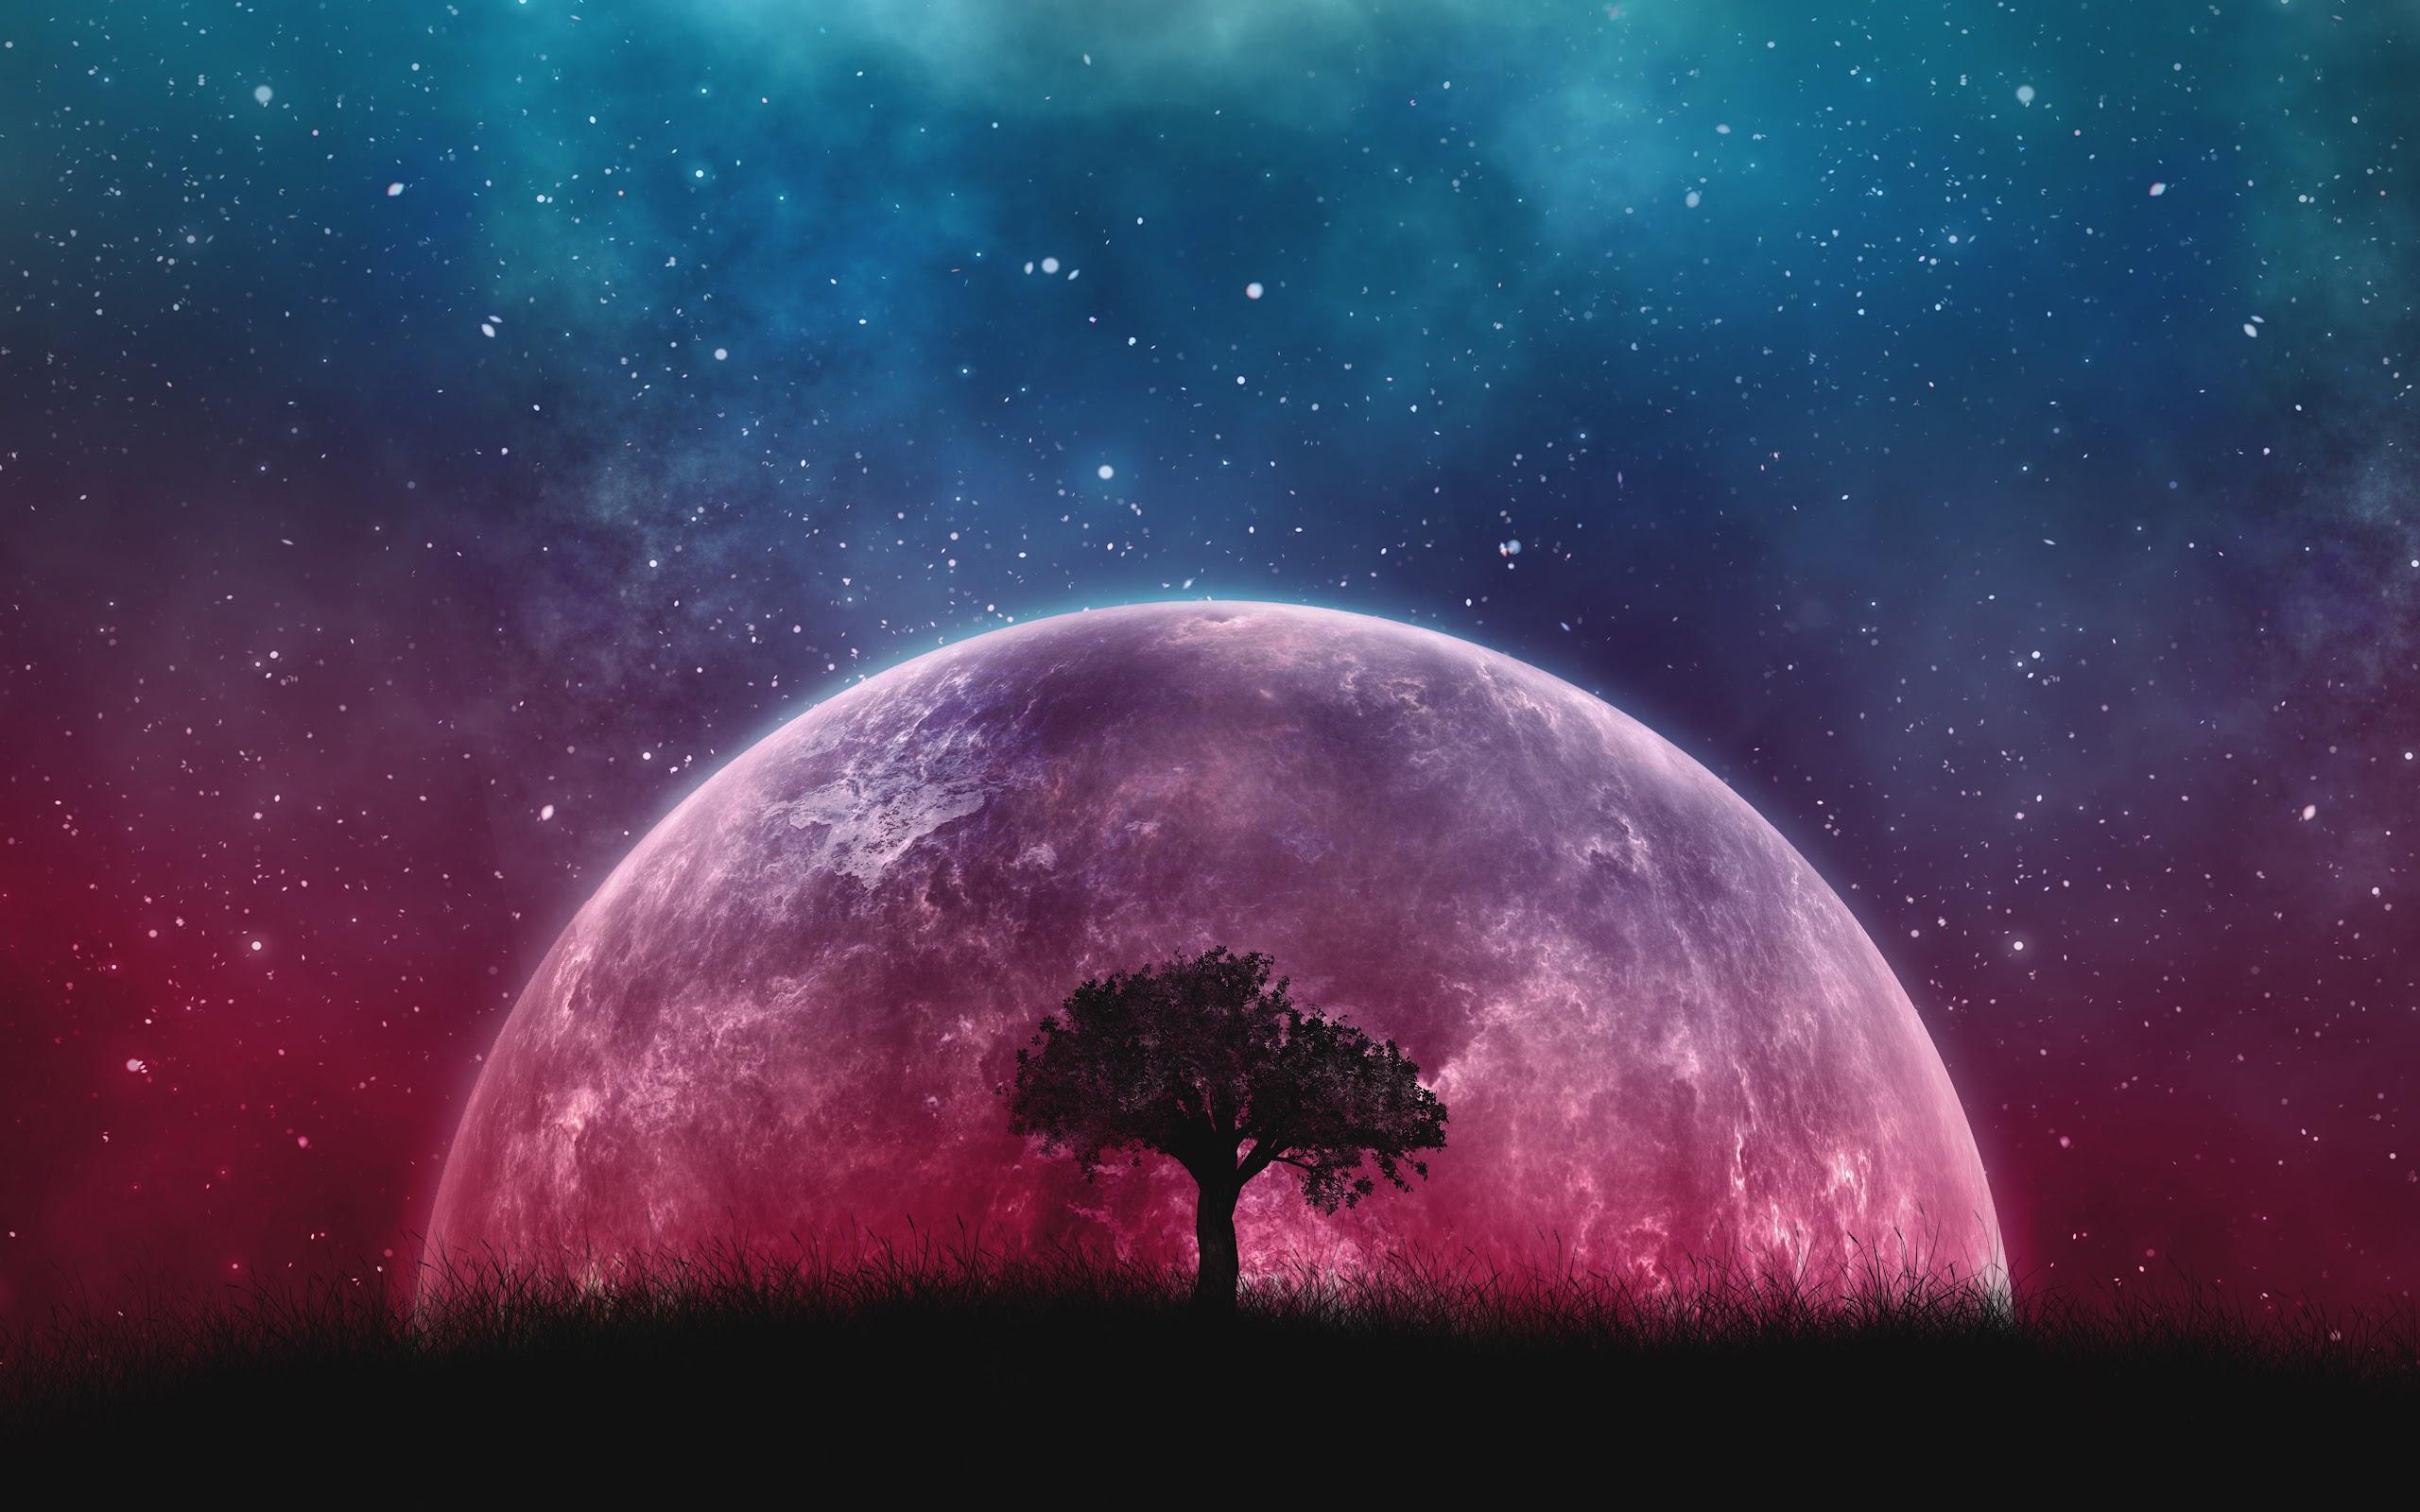 Moon Night Sky Stars Landscape Scenery 8k Wallpaper 189